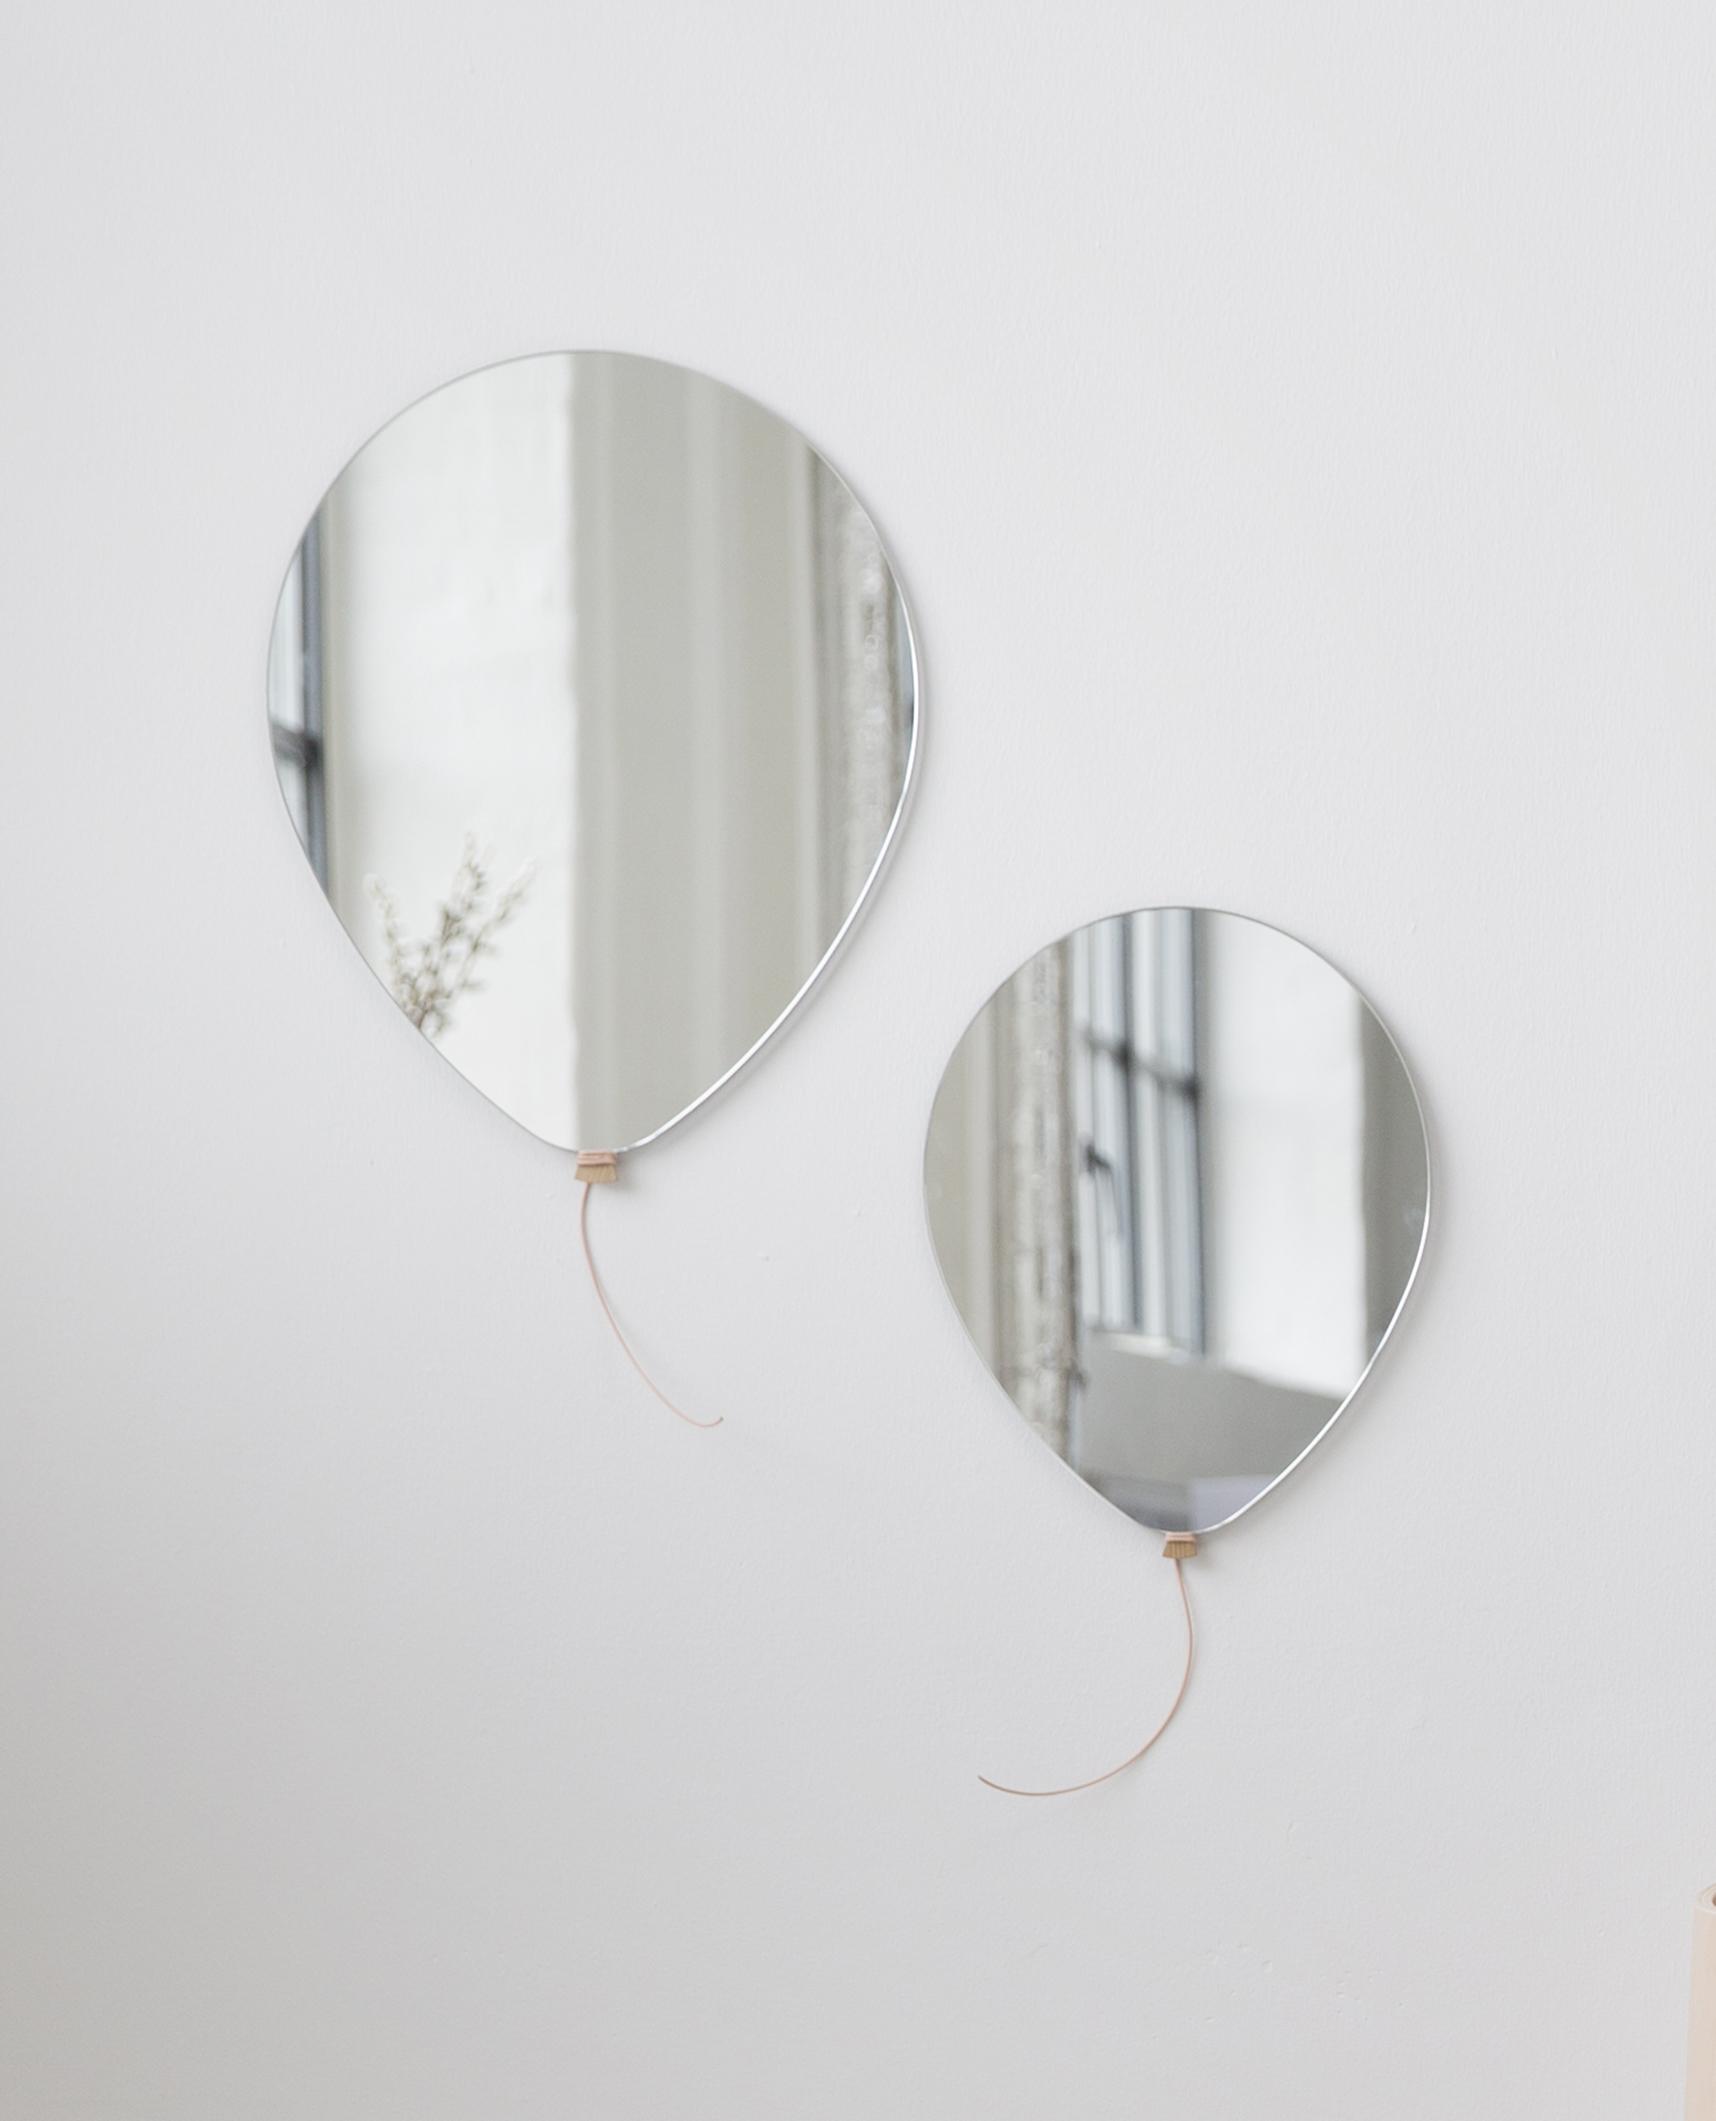 balloon-mirrors